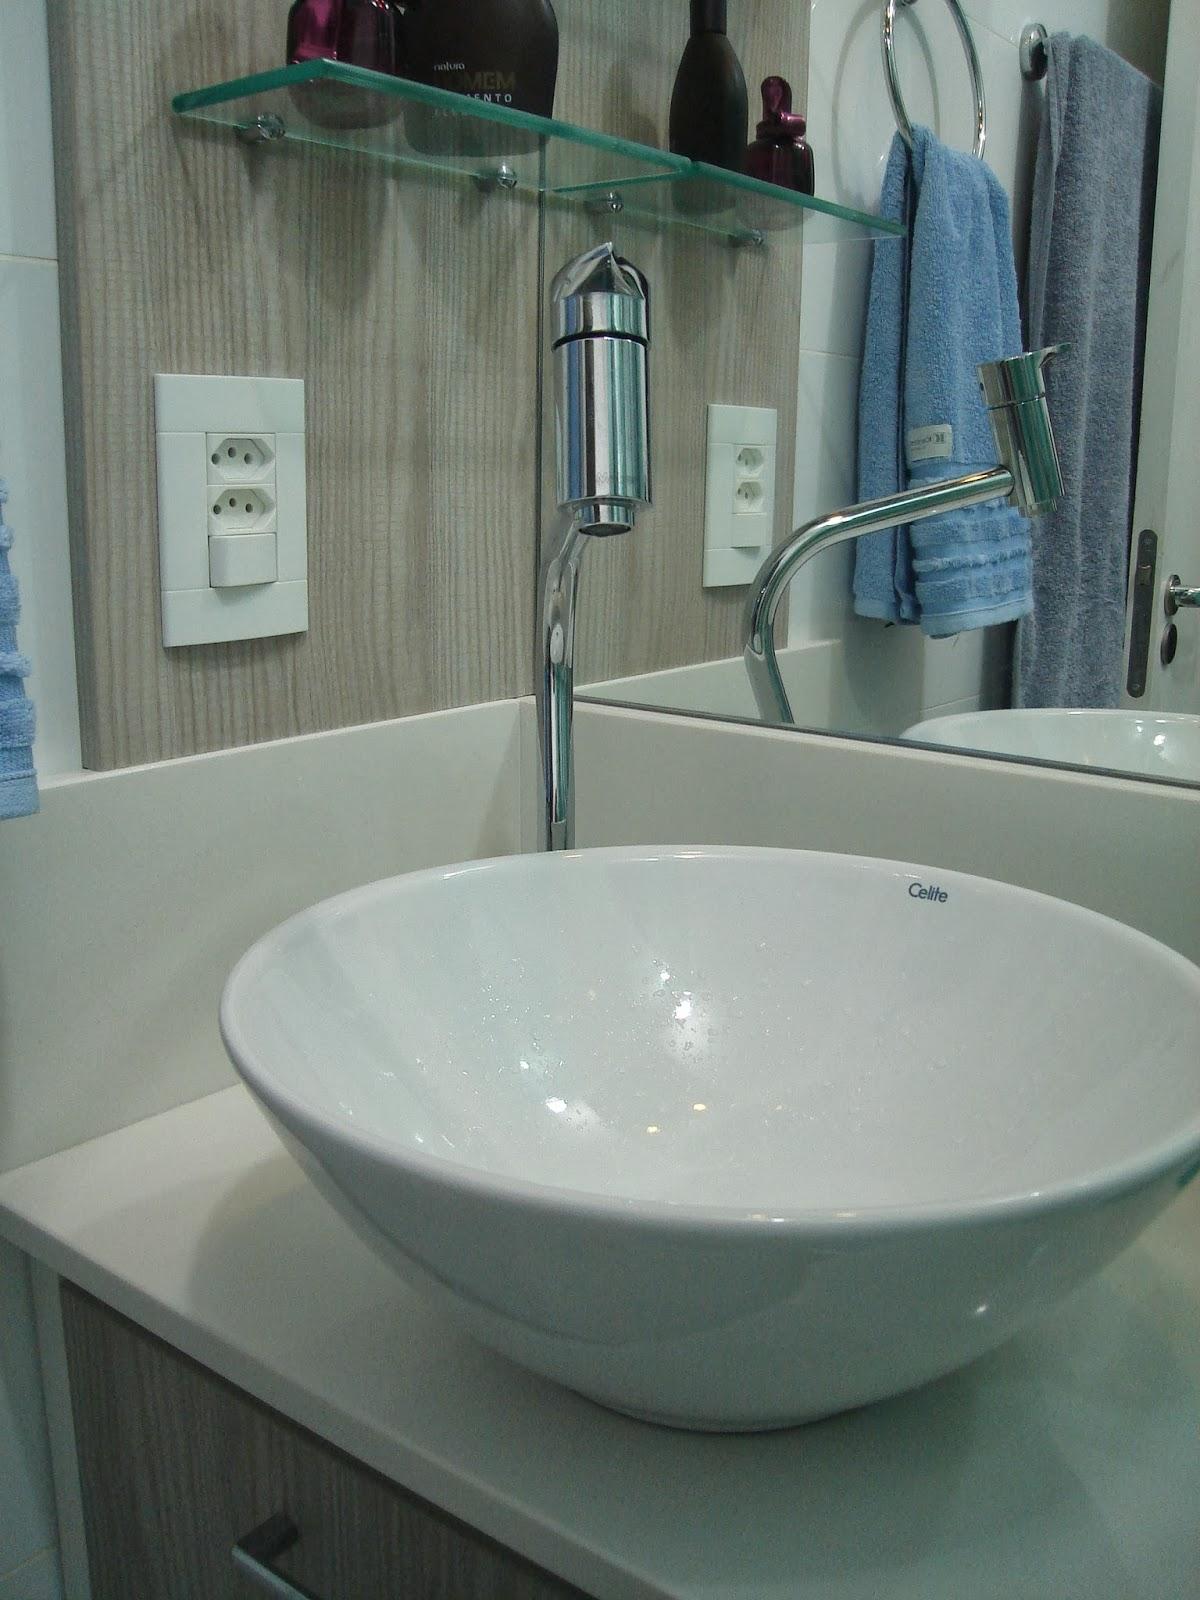 Casei quero casa: Móveis planejados para o banheiro #3D515B 1200 1600